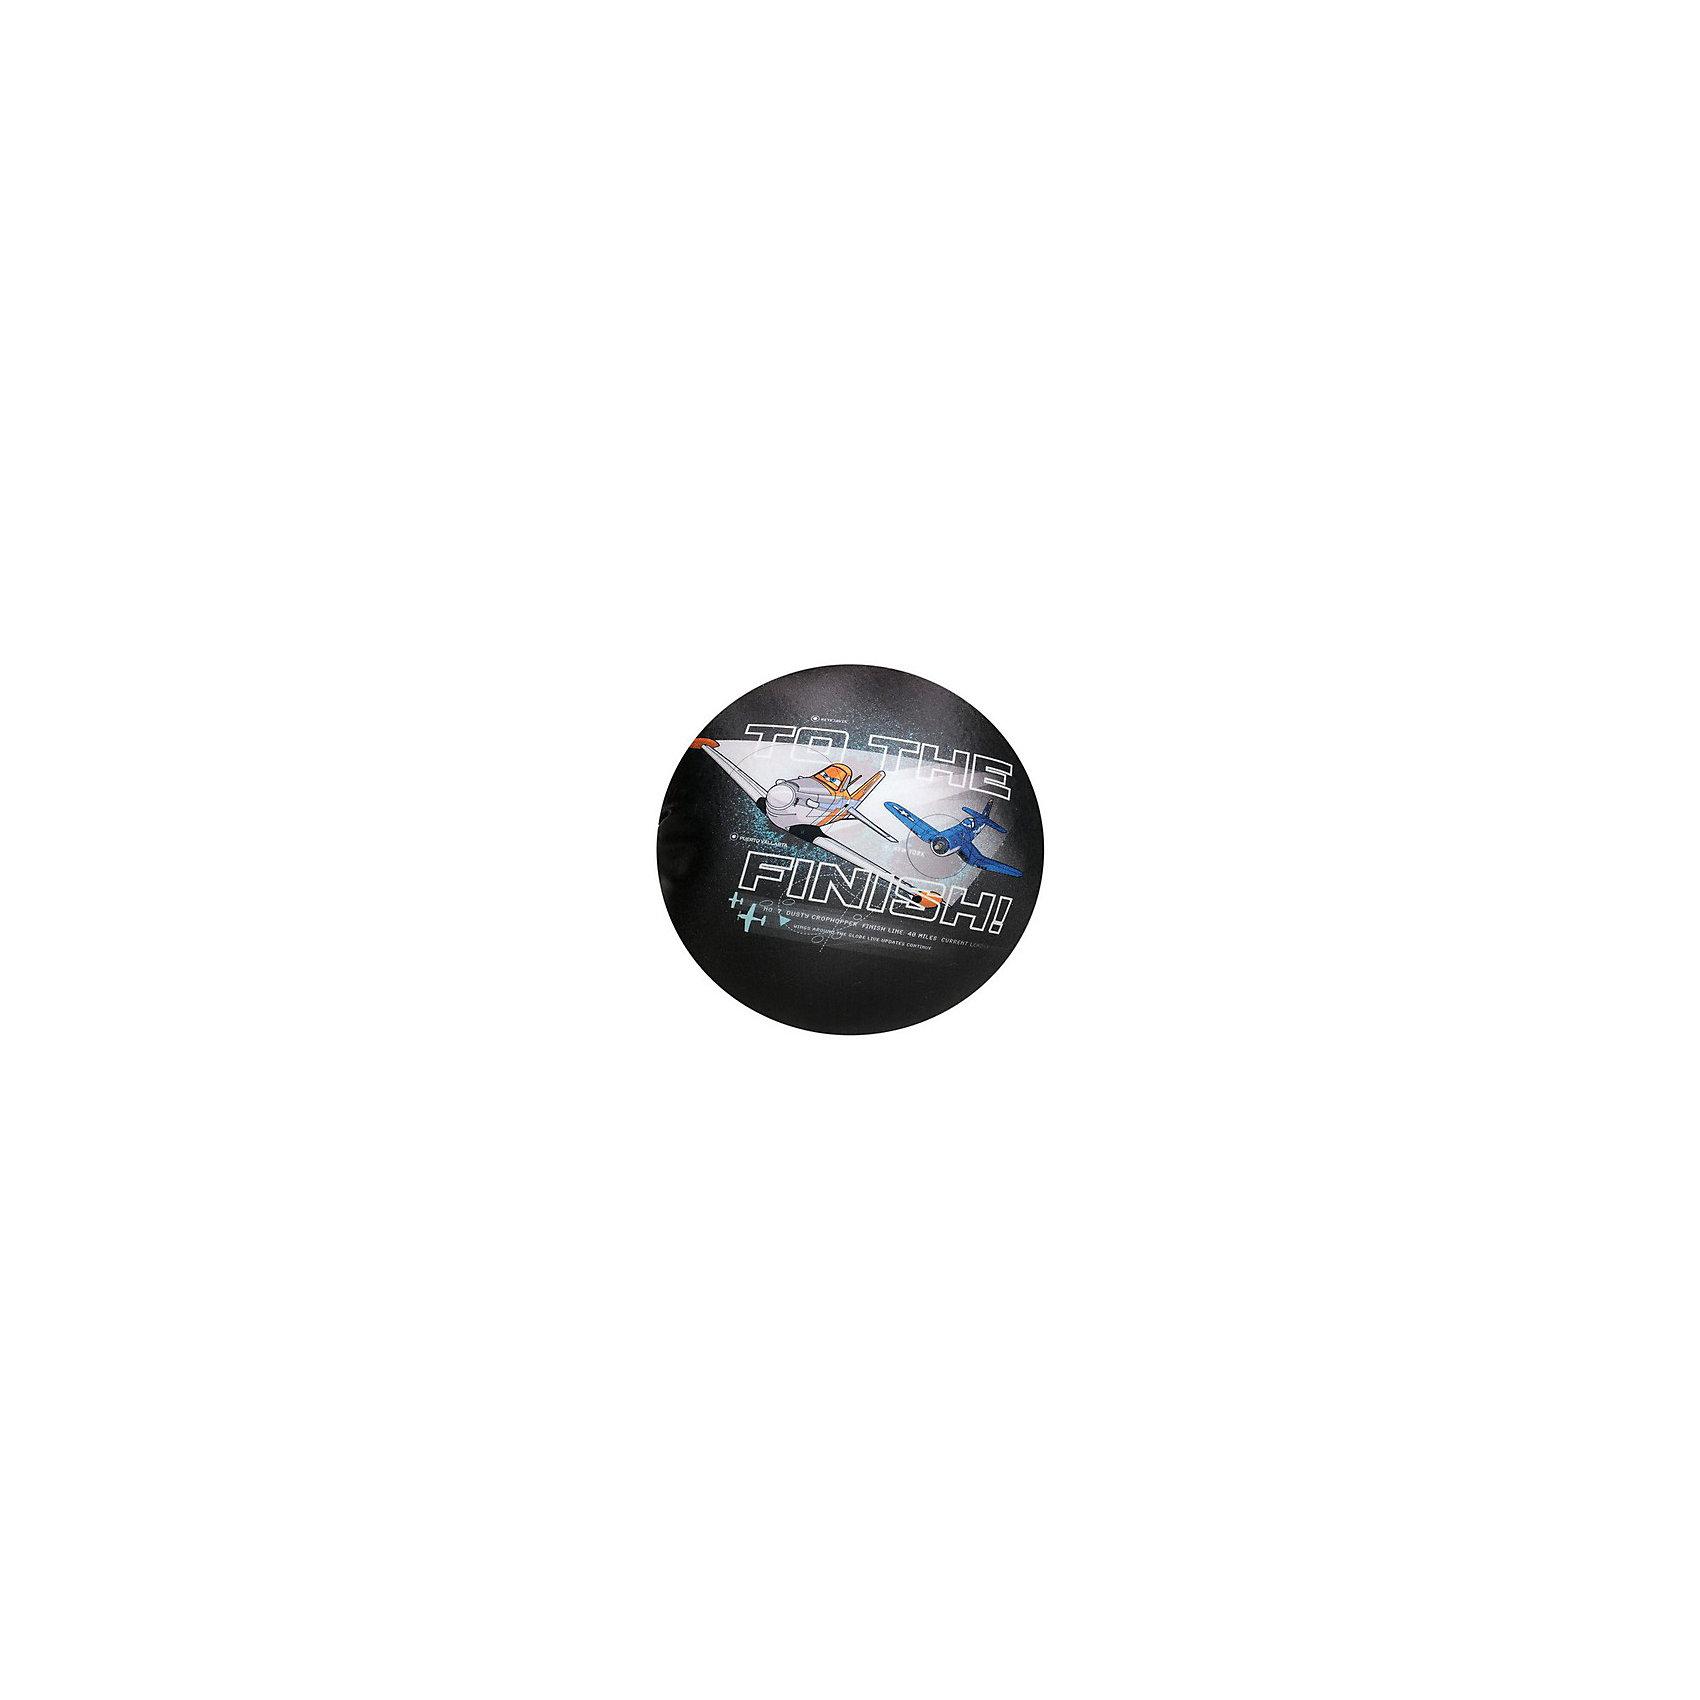 Подушка антистресс Самолеты В31, арт. 52757, Small Toys, черный от myToys